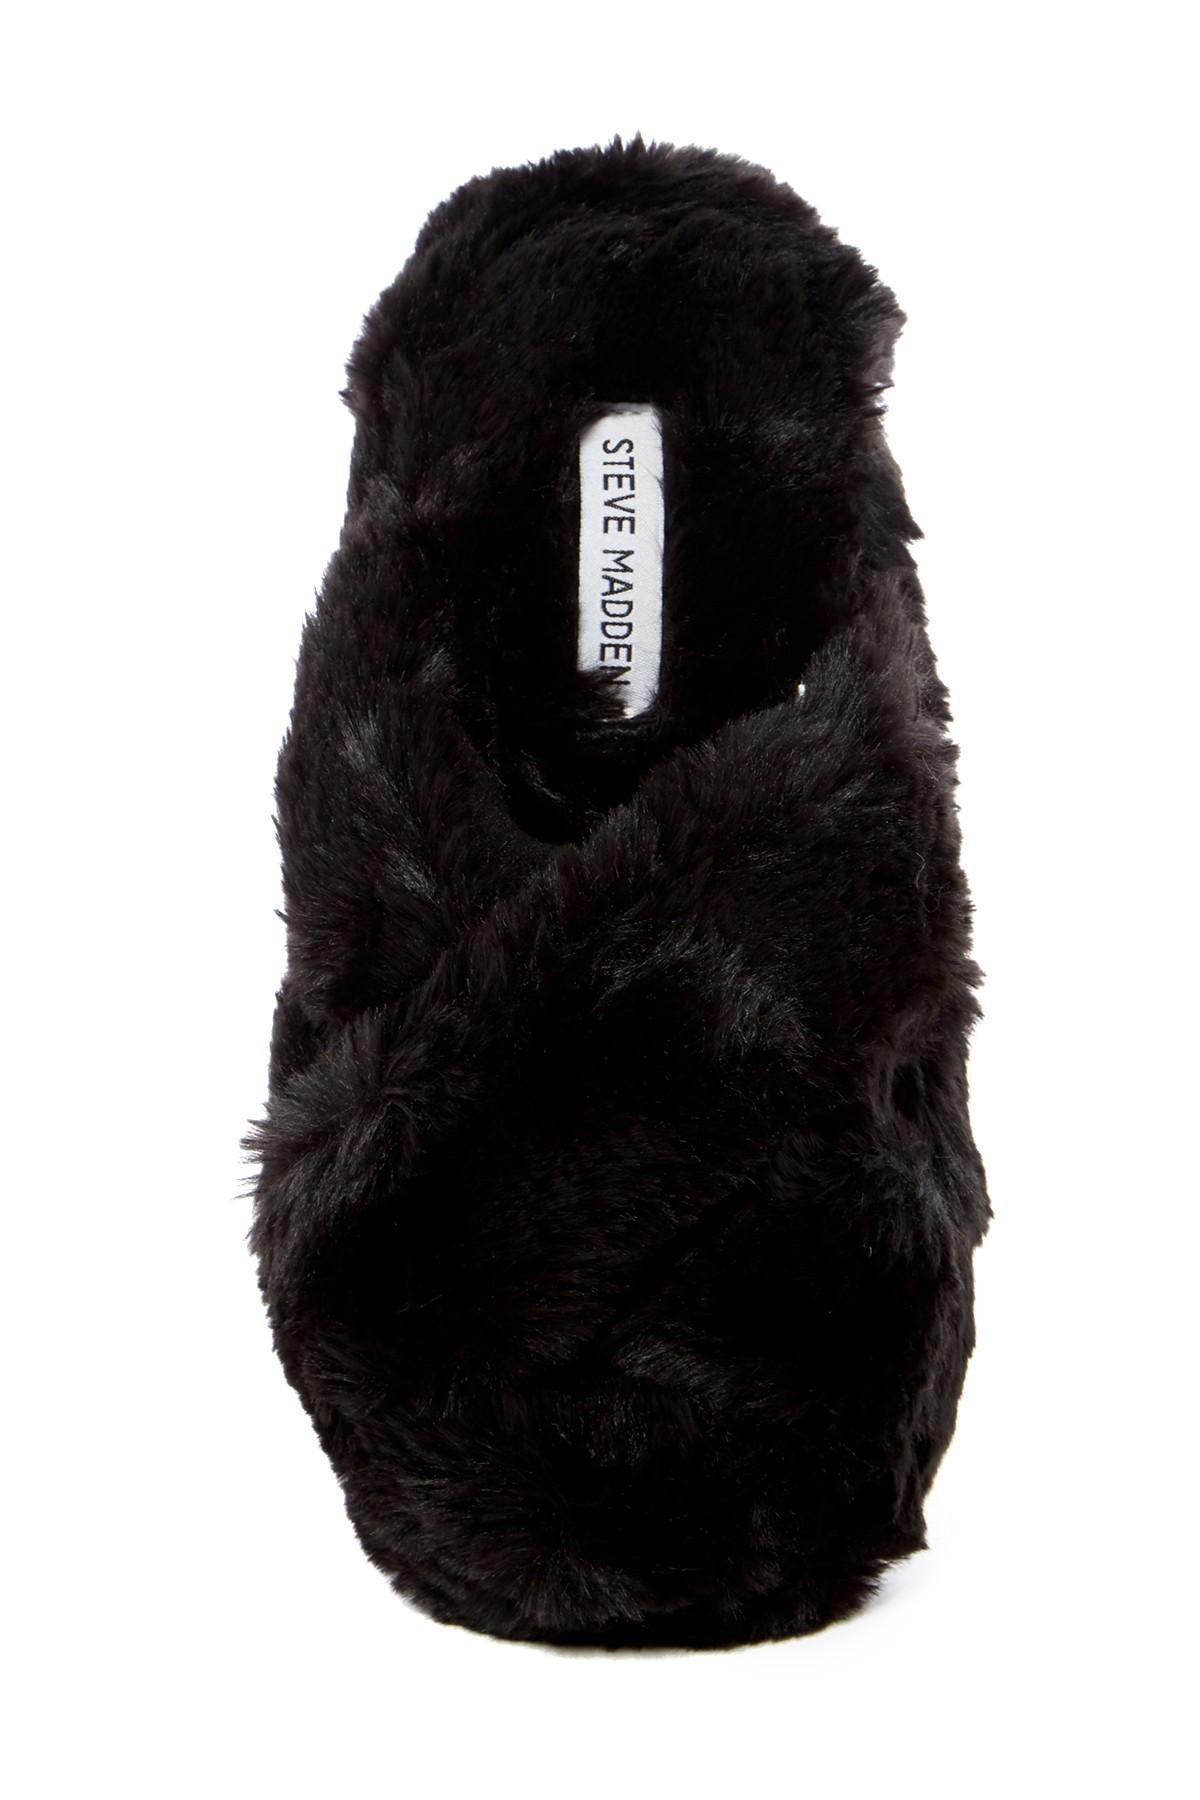 dc068e0a1ee Lyst - Steve Madden Crissy Faux Fur Slipper in Black